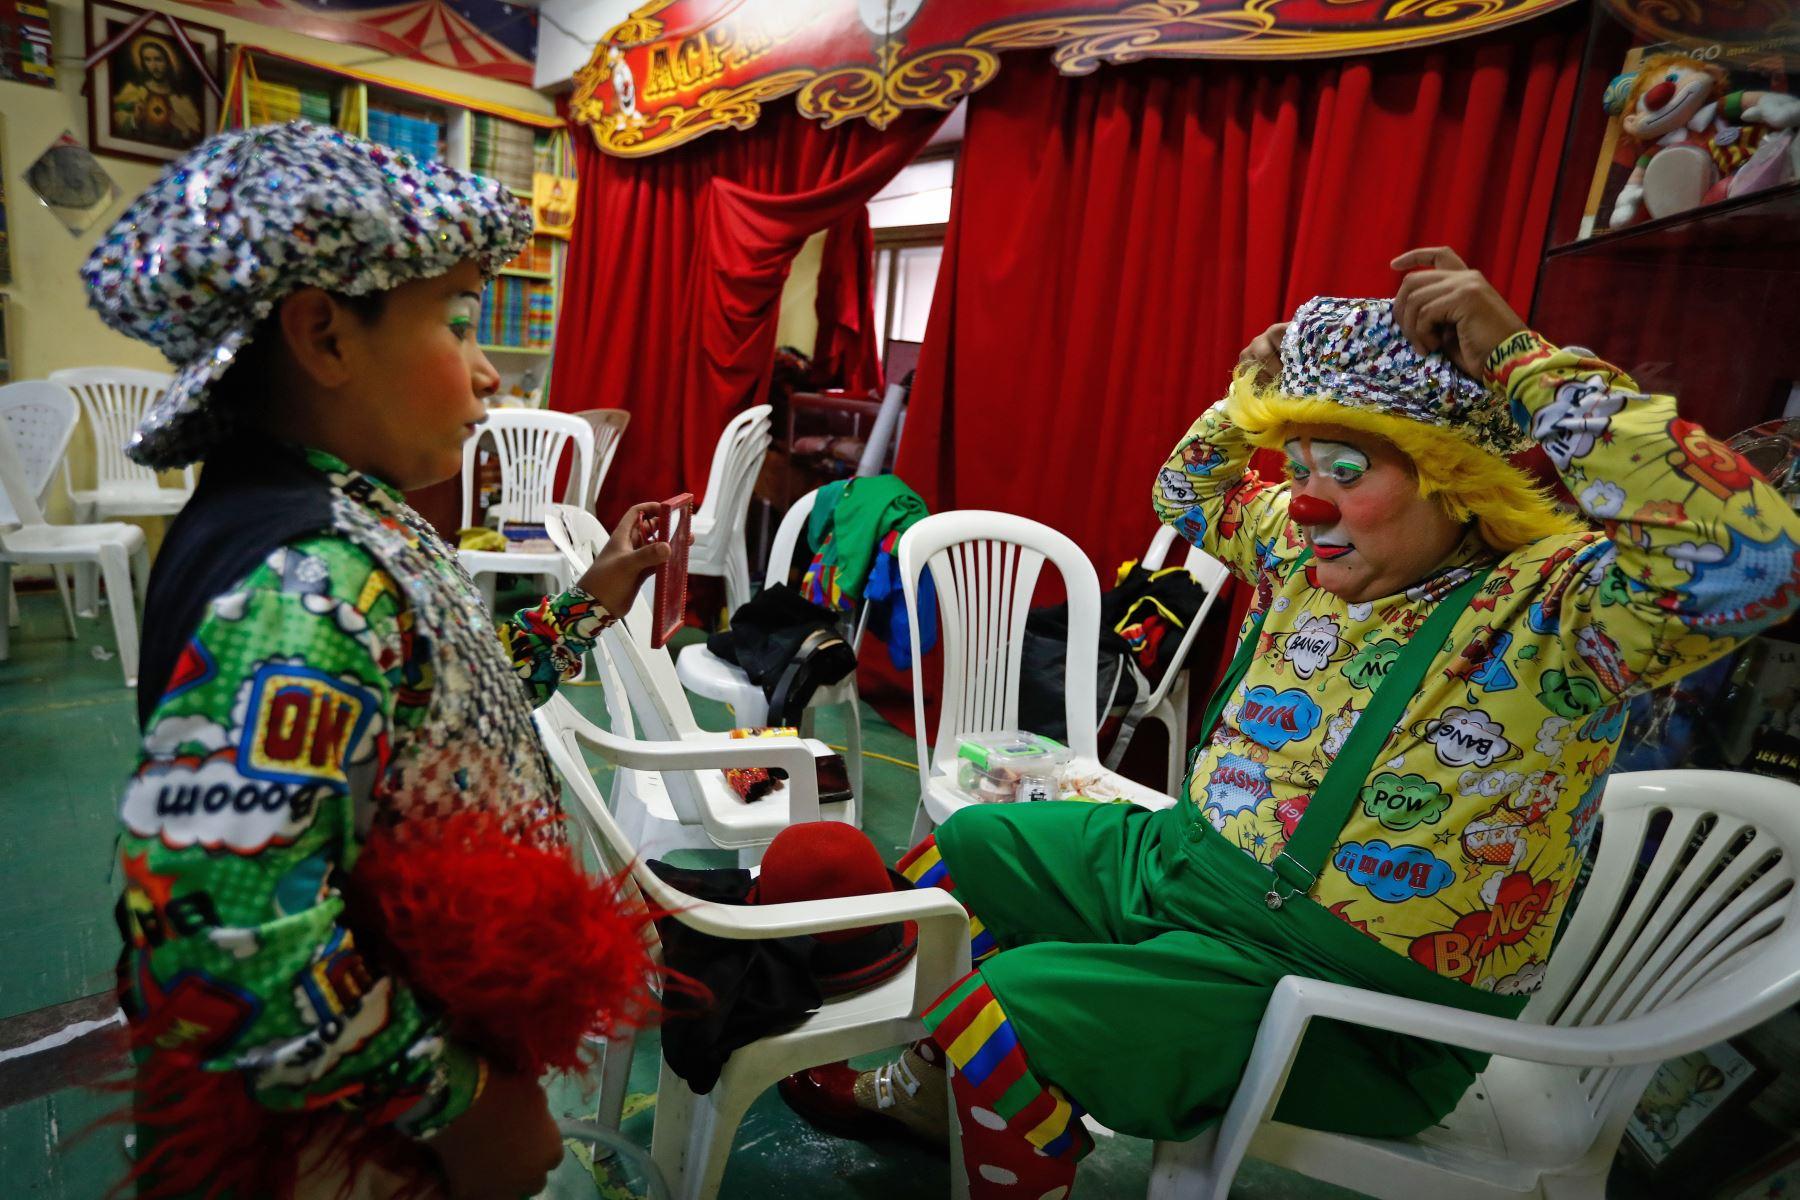 """El payaso """"Elegantito"""" e hijo se maquillan para el homenaje a Ricardo Farfán, conocido en el ambiente artístico como el payaso """"Pitito""""  por sus 96 años. Foto: ANDINA/Carlos Lezama"""